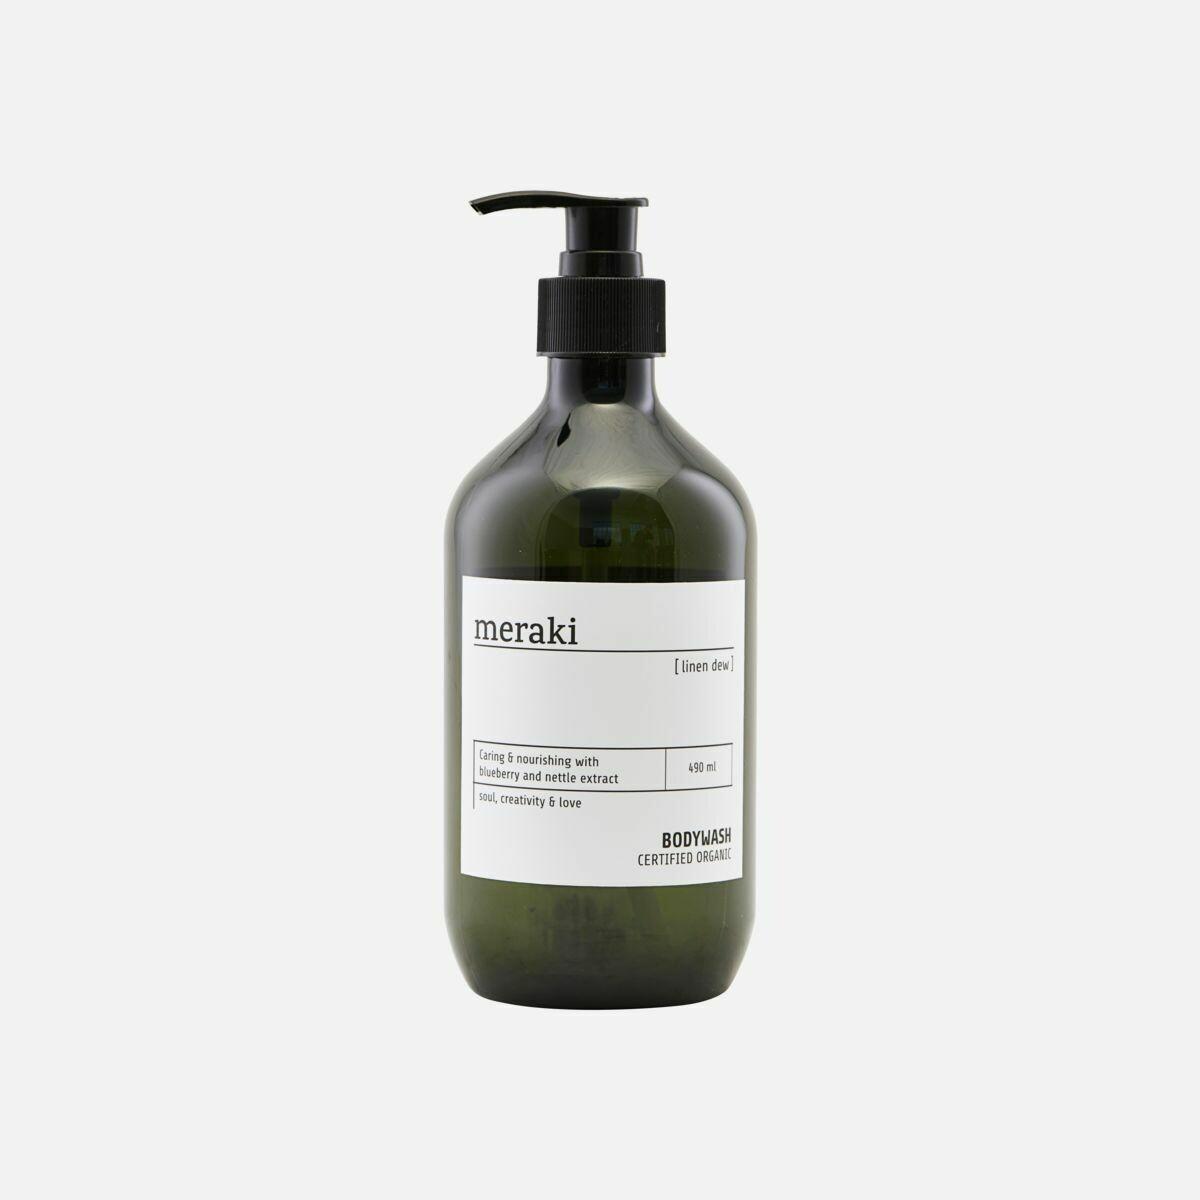 Body wash, Linen dew 490ml